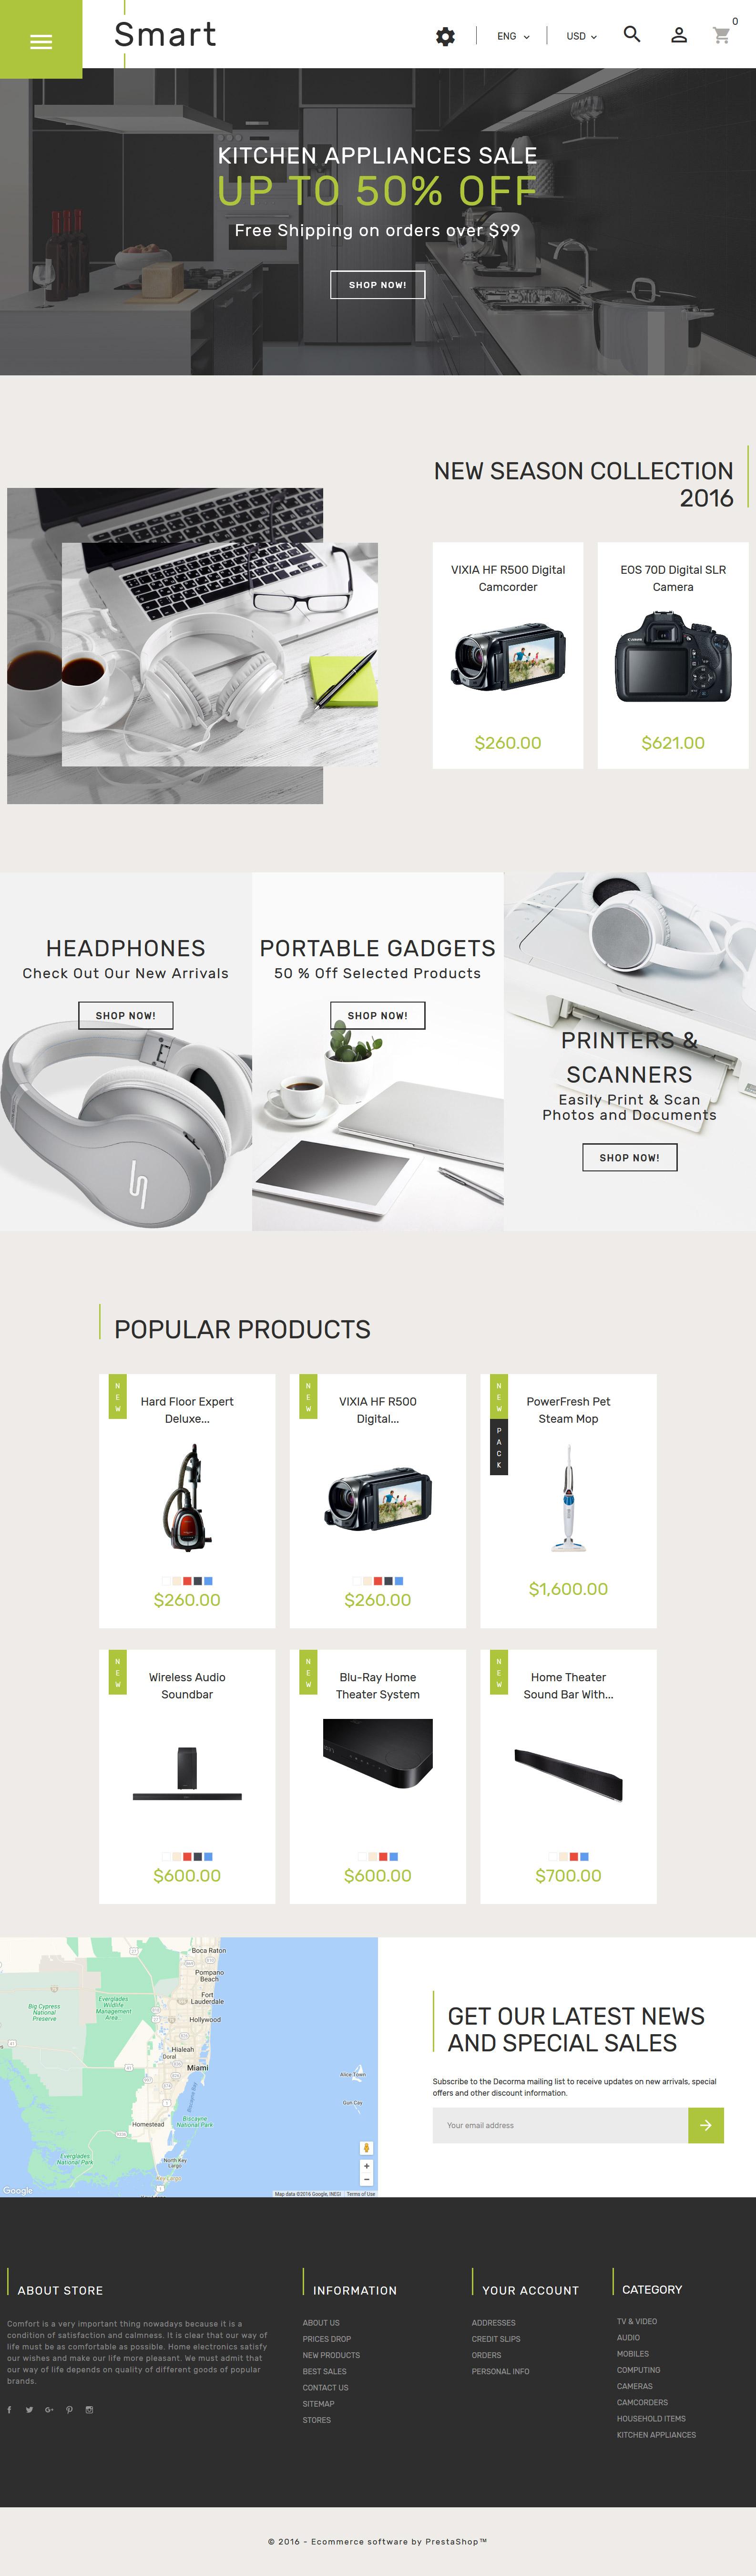 Responsywny szablon PrestaShop Smart - Gadgets & Electronics #61360 - zrzut ekranu